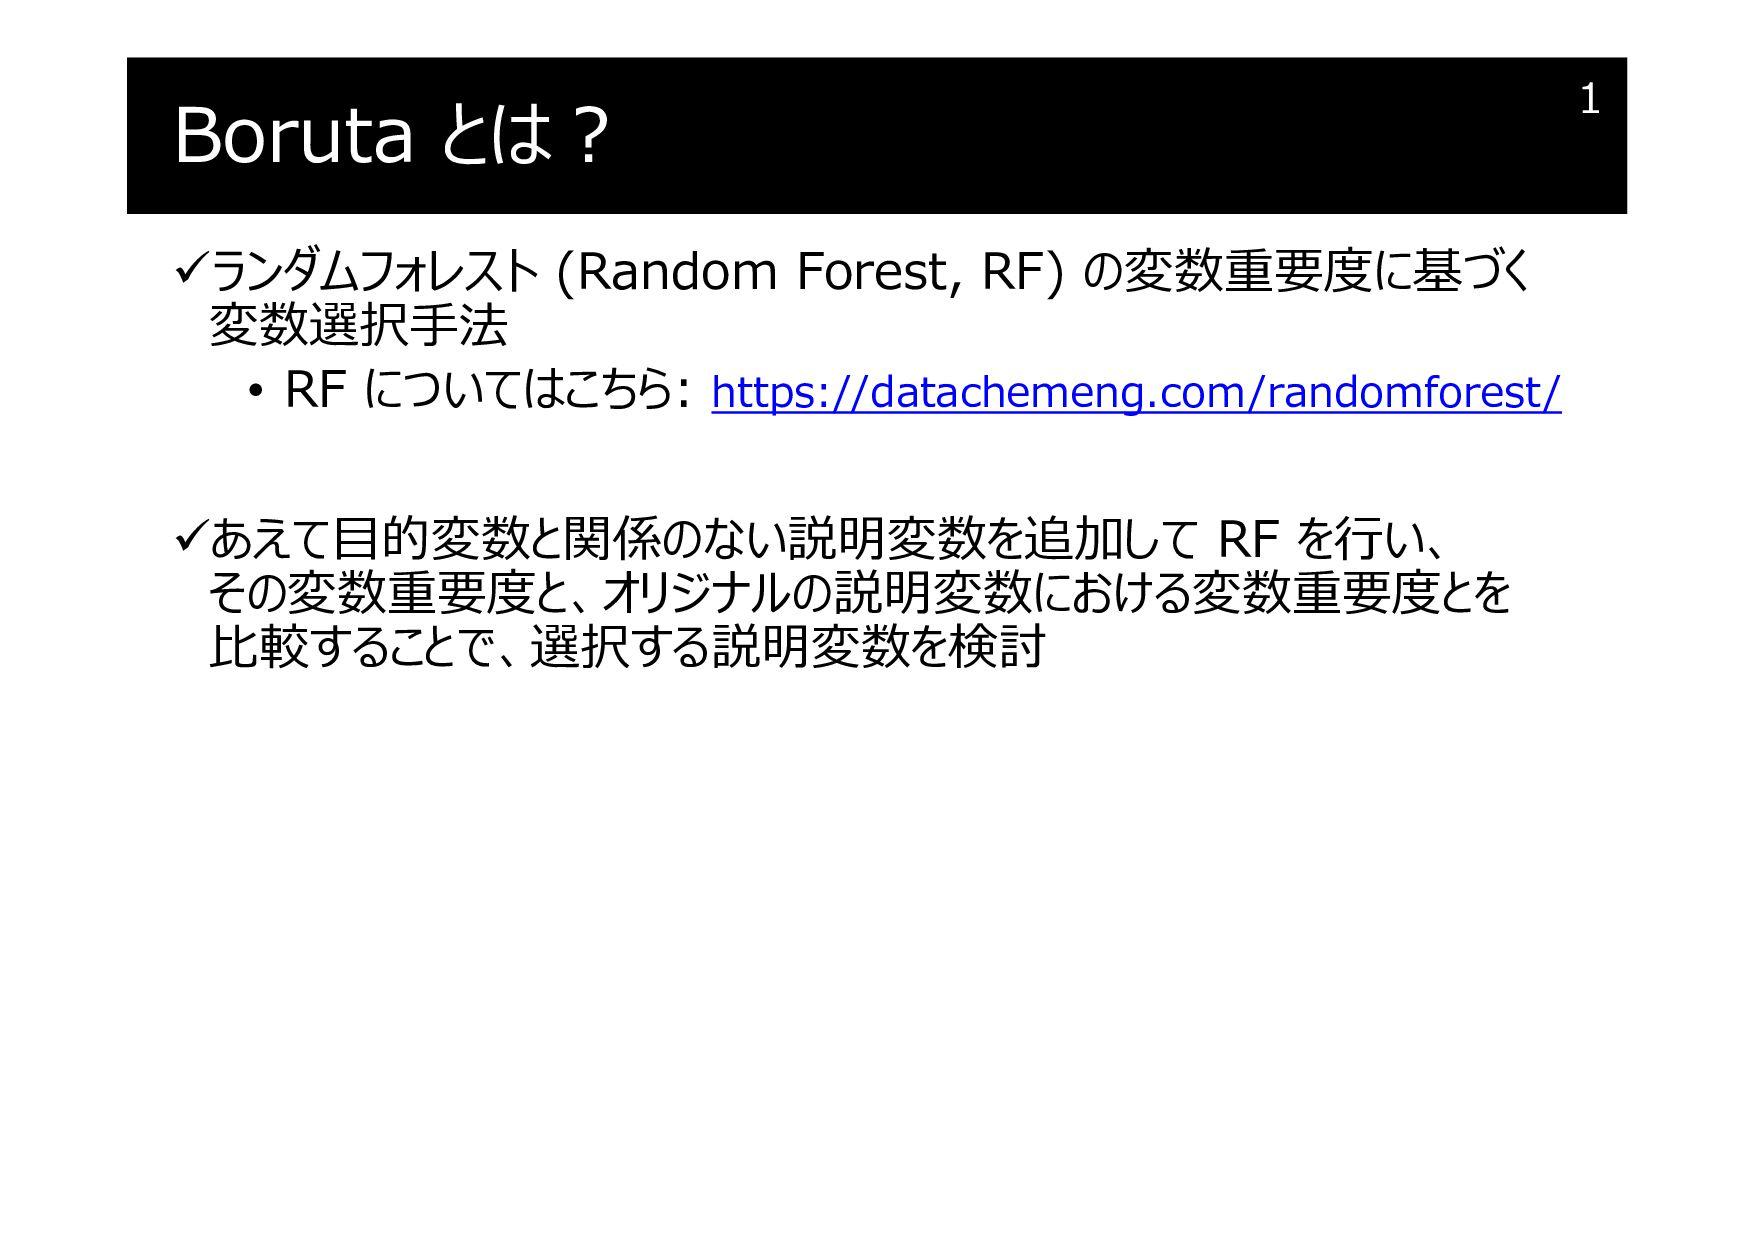 Boruta とは︖ ランダムフォレスト (Random Forest, RF) の変数重要...